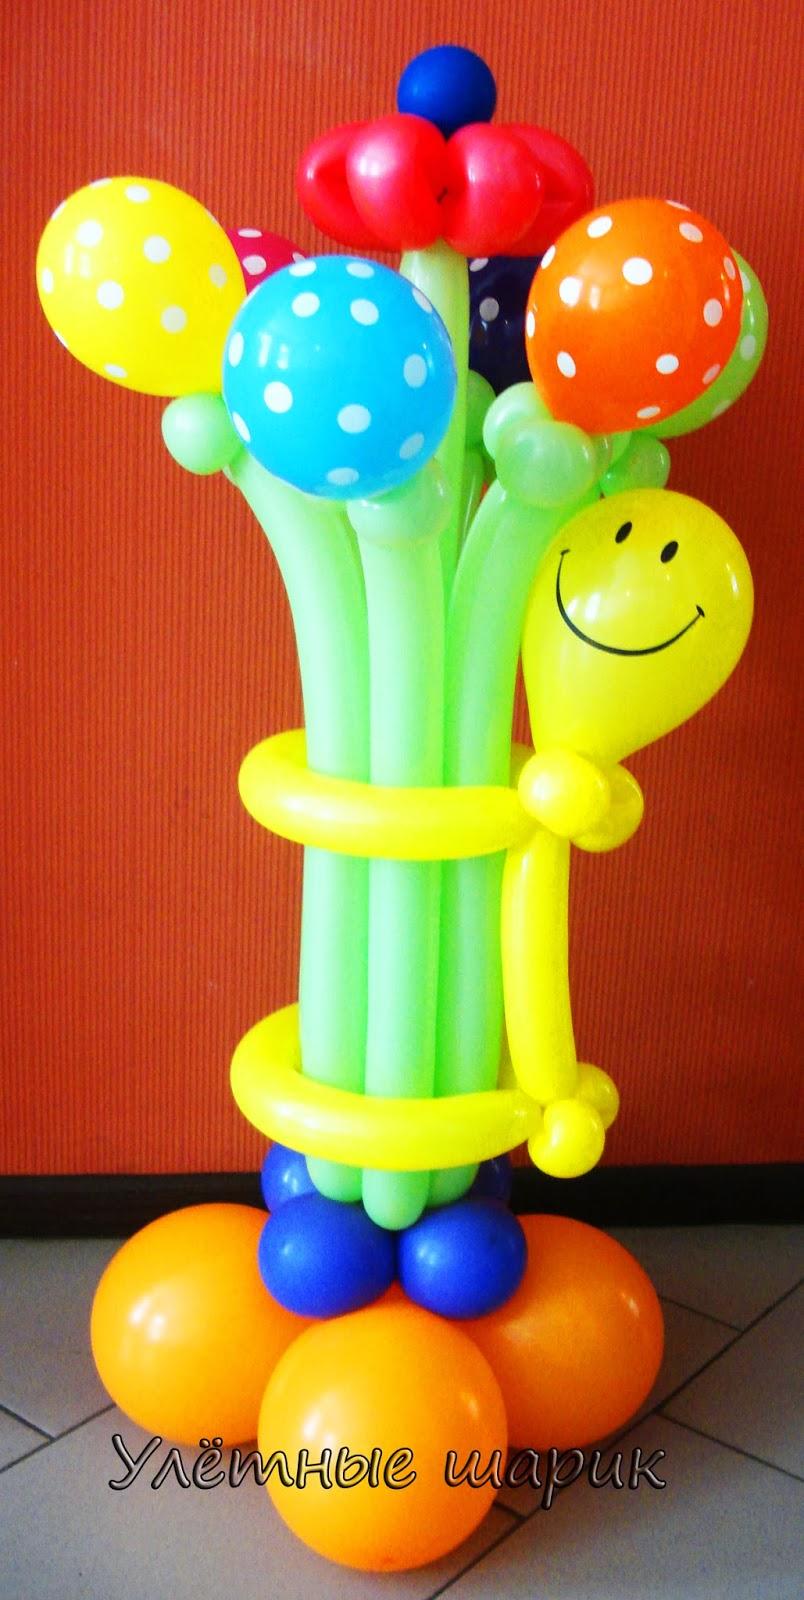 Букет с смайликом из воздушных шариков